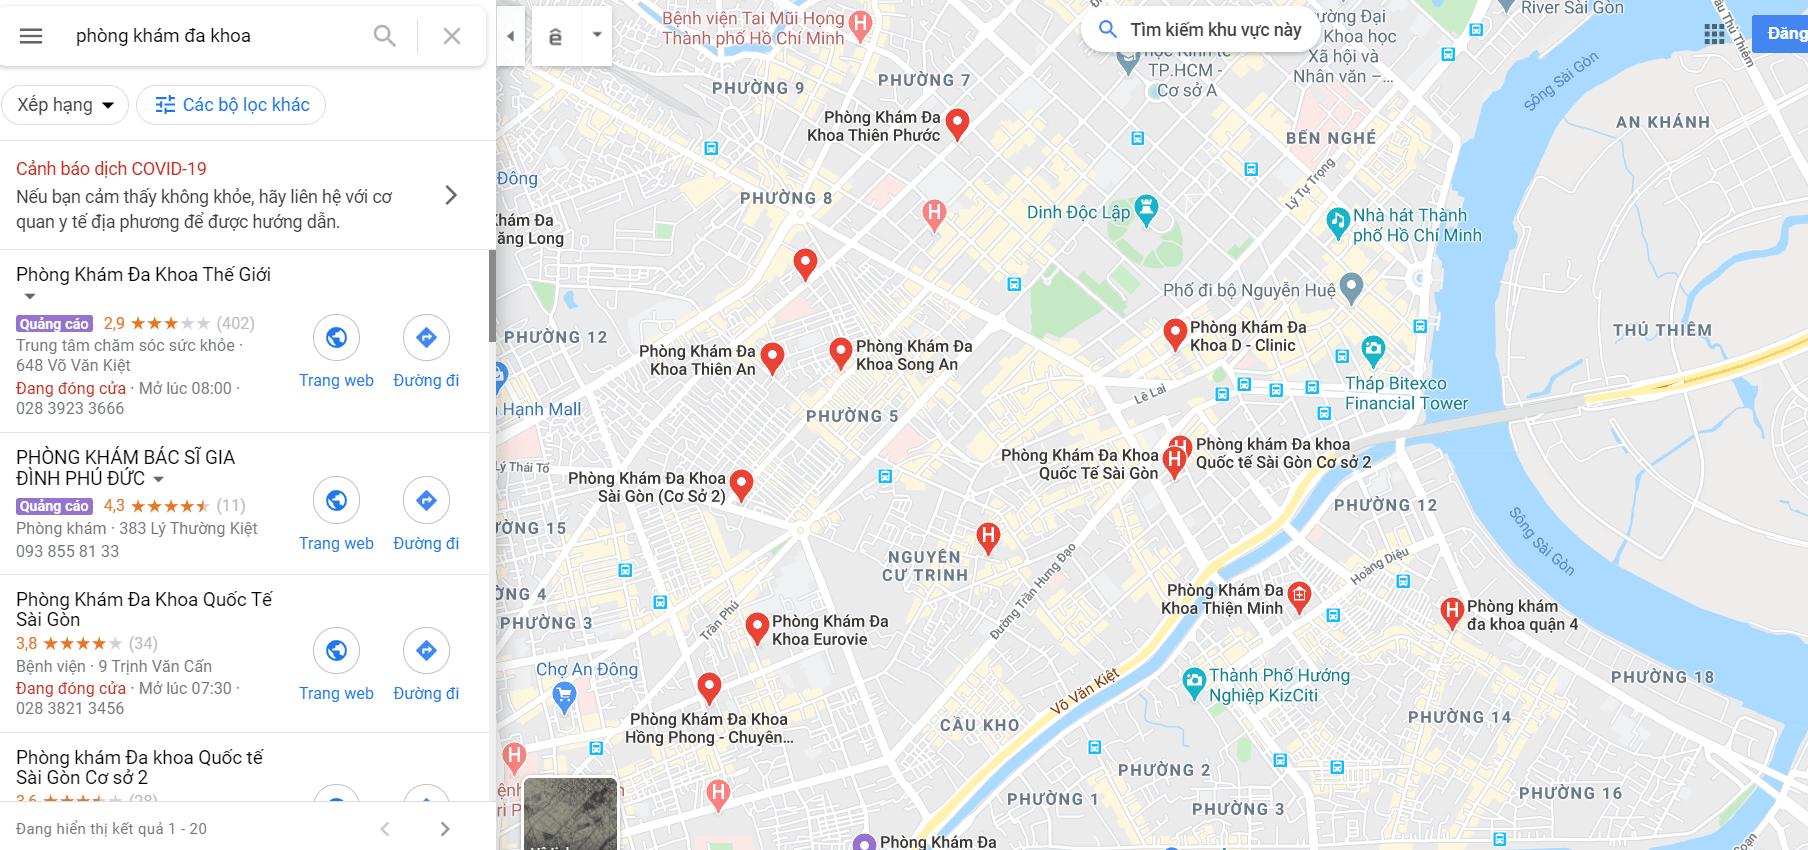 Cách Tìm Kiếm Khách Hàng Trên Google